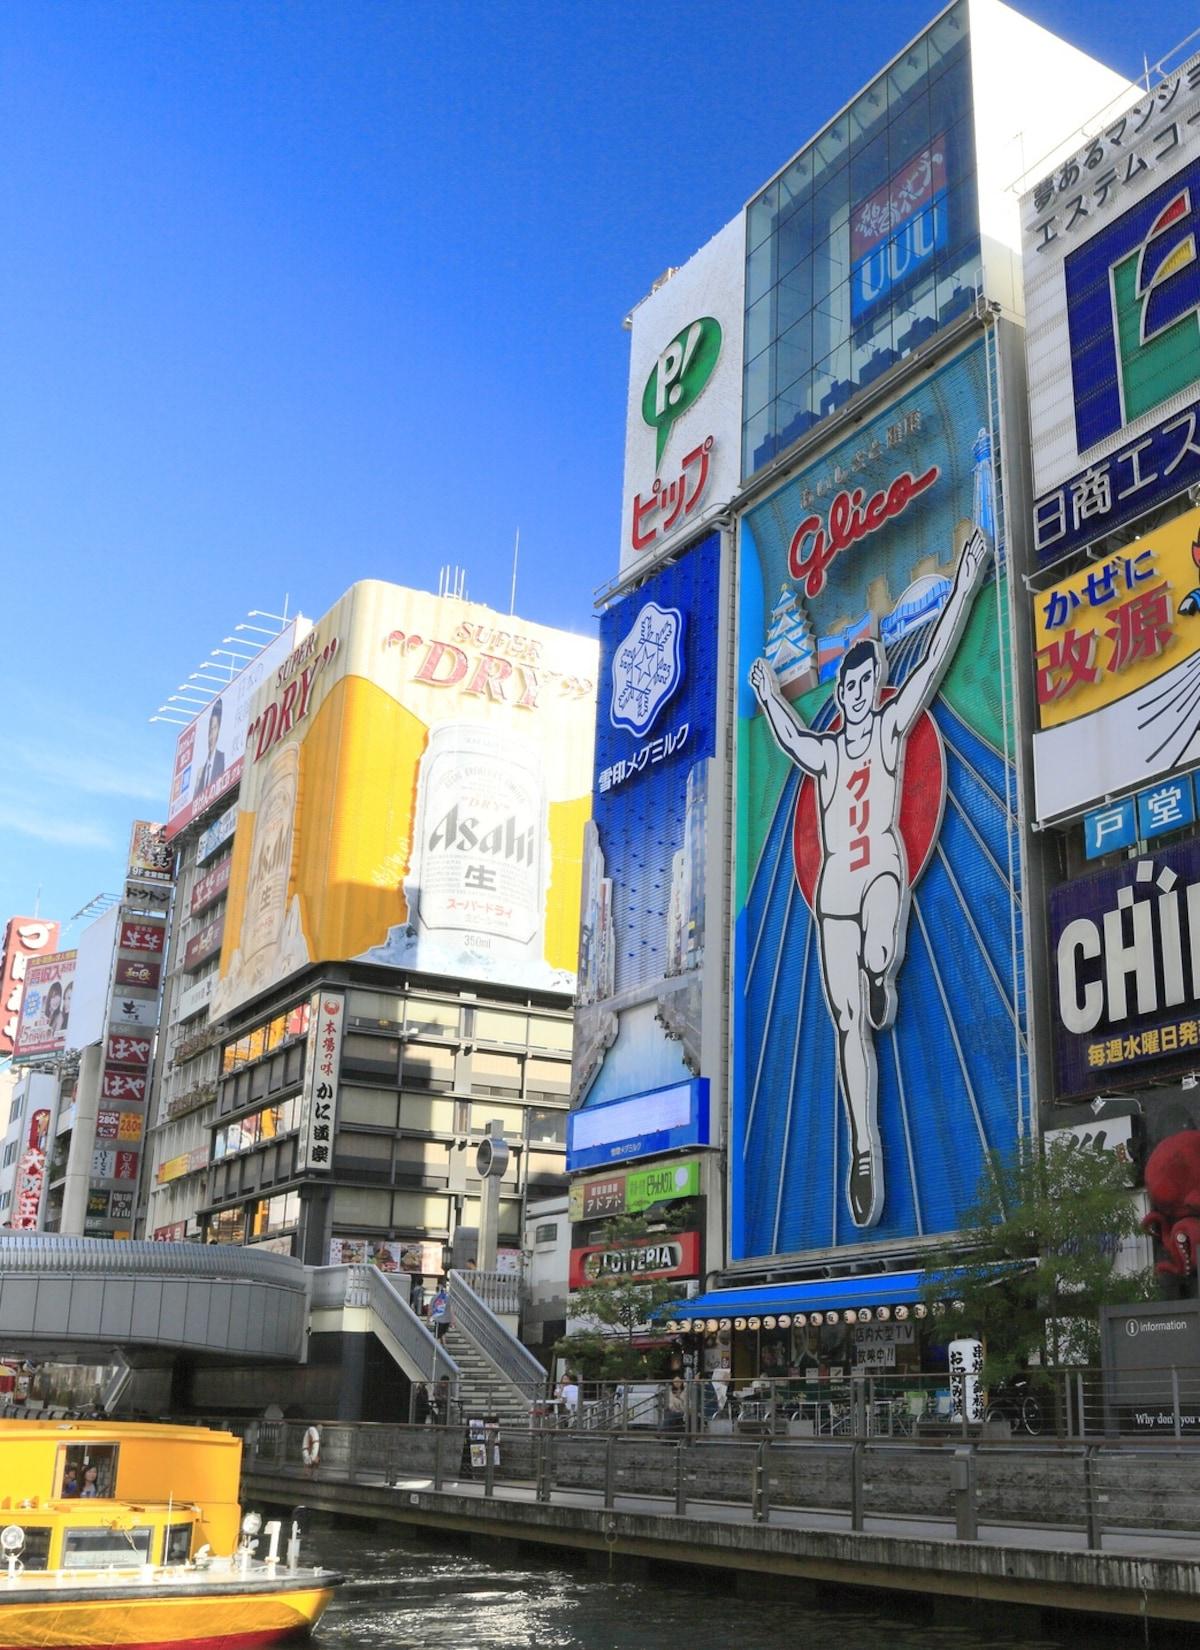 อันดับ5 โอซาก้า (53,800เยน)